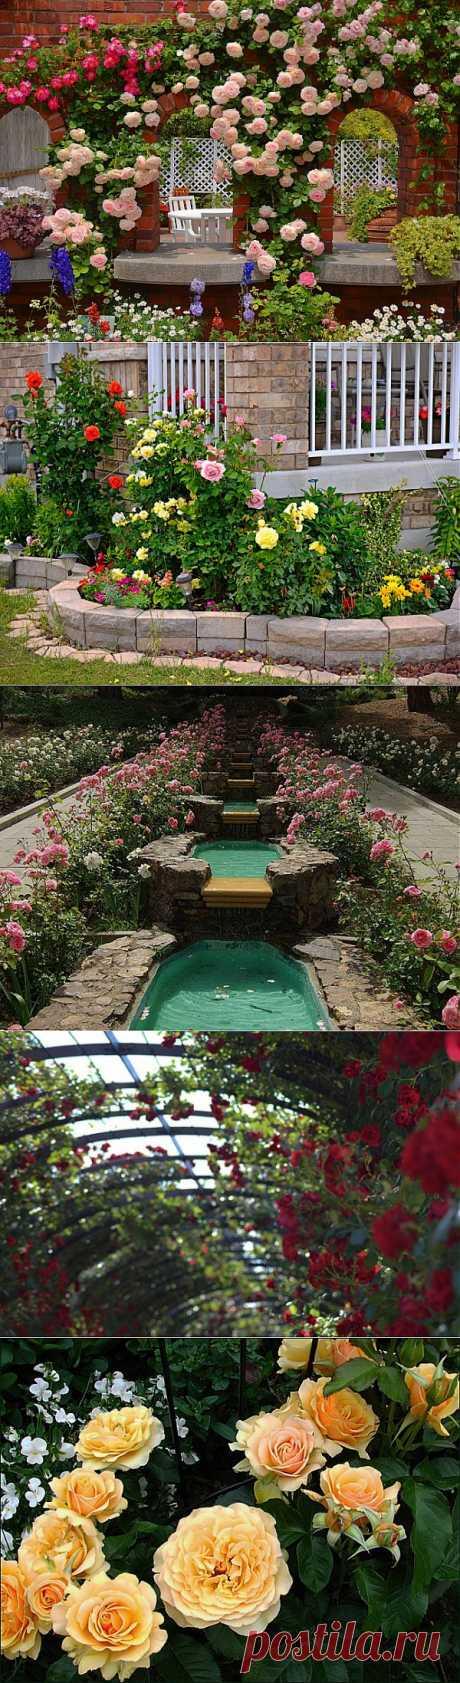 Лучшее украшение для сада: розарий | Наш уютный дом